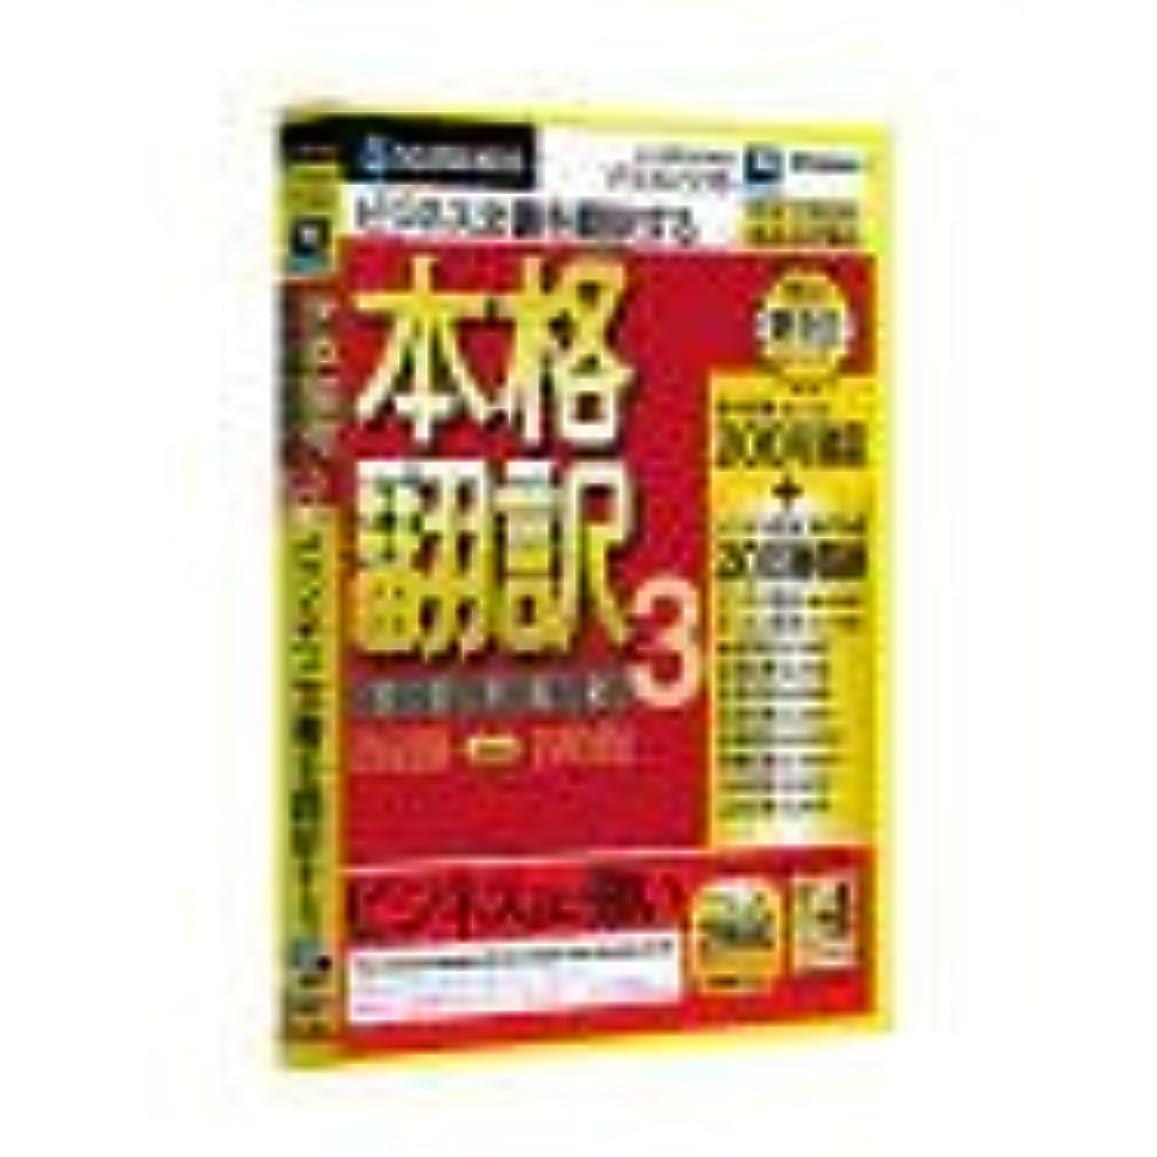 ハイジャック容疑者オークランド本格翻訳 3 Super (スリムパッケージ版)